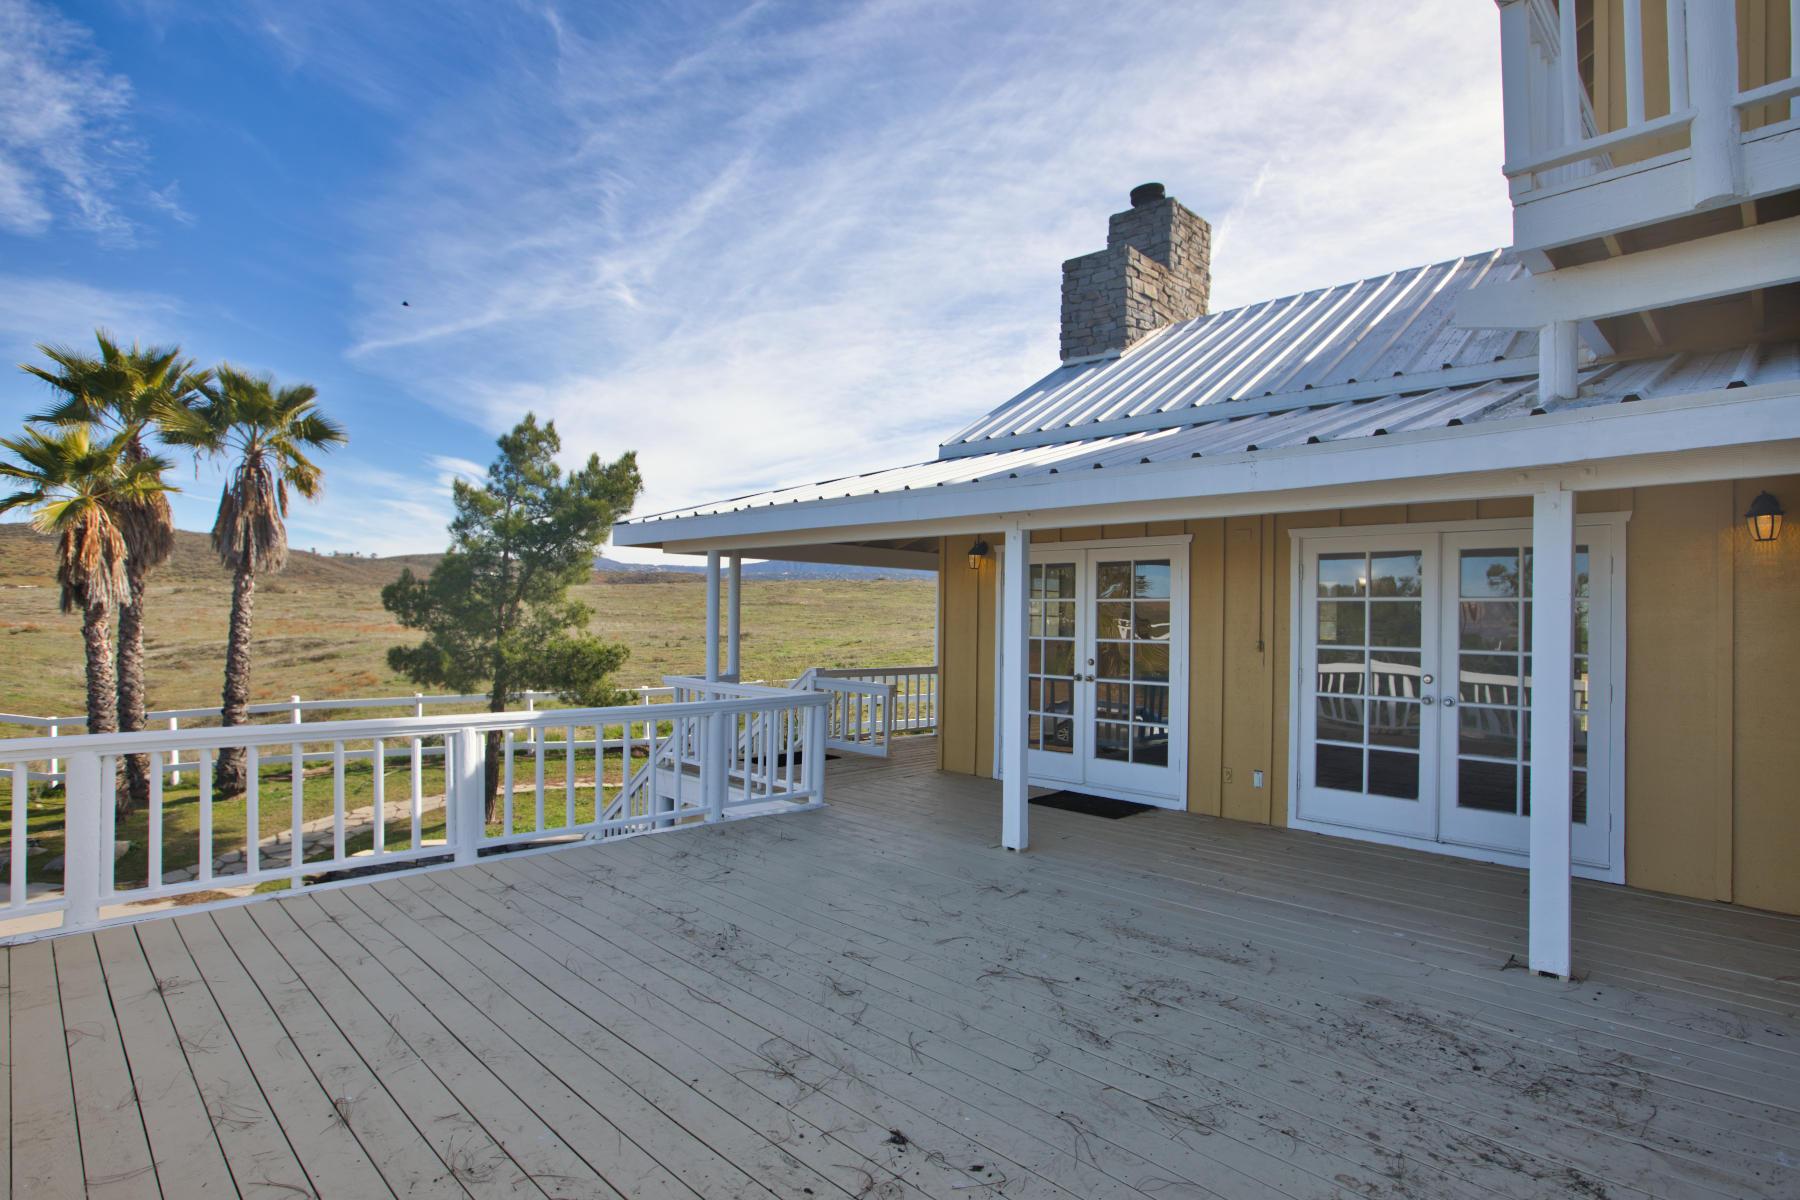 39201 San Ignacio Road, Hemet, California 92544, 5 Bedrooms Bedrooms, ,3 BathroomsBathrooms,Residential,For Sale,39201 San Ignacio Road,219037652